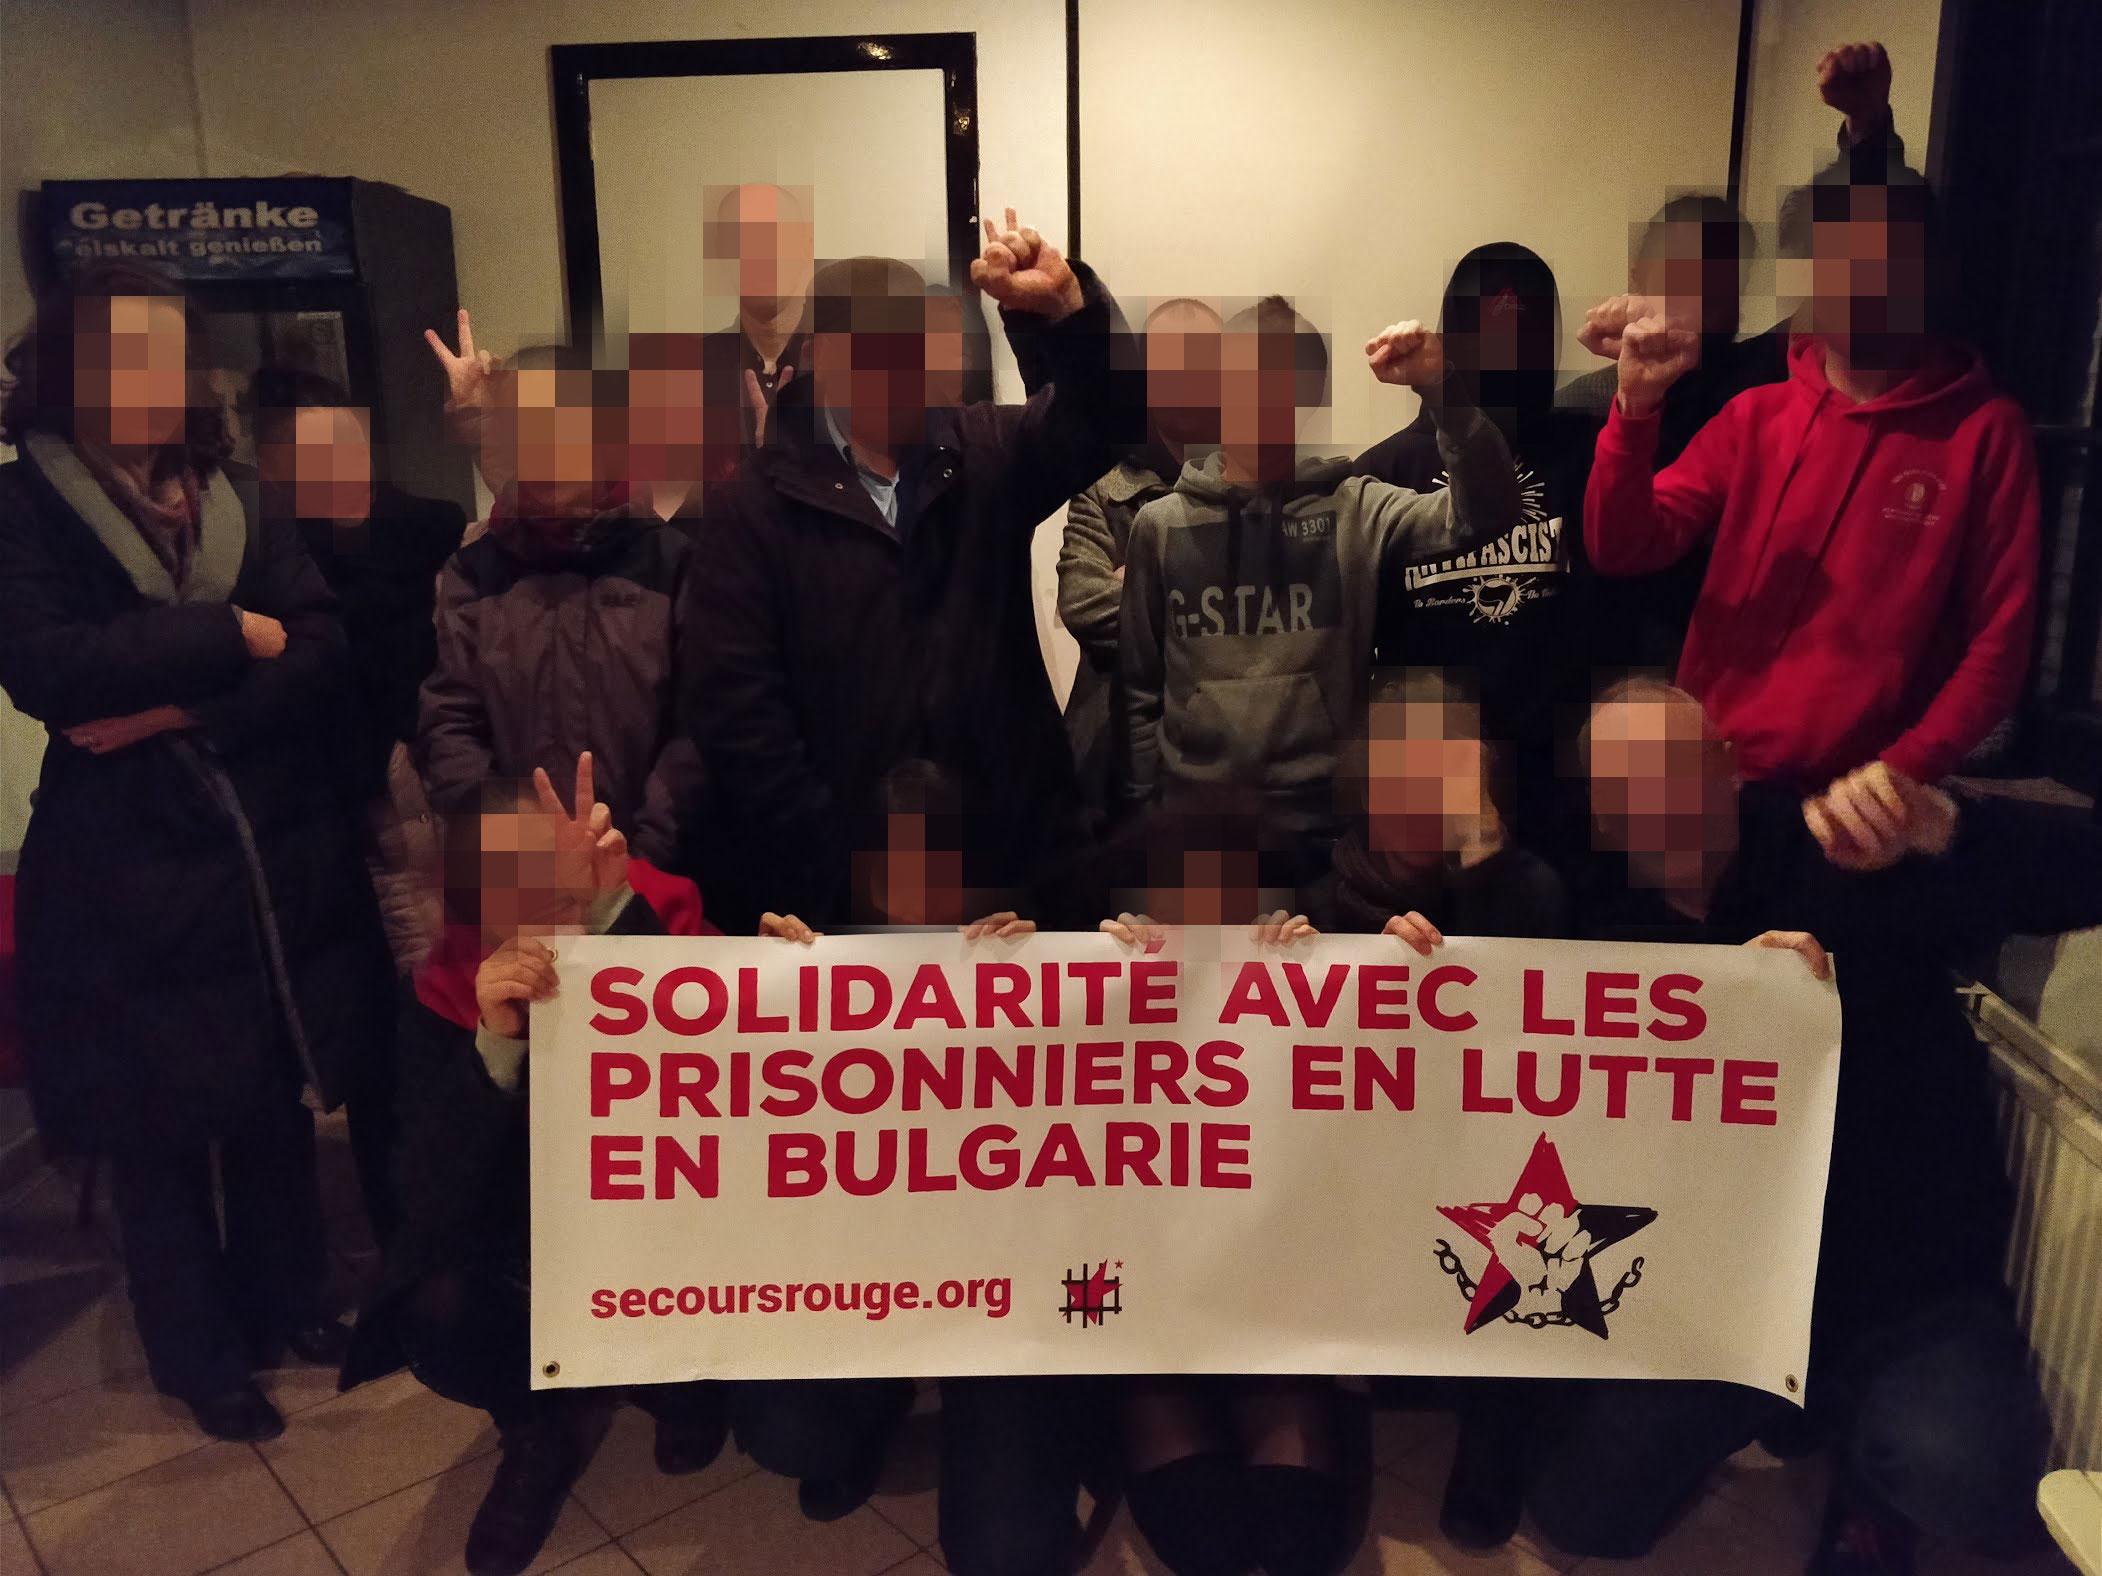 Soirée de solidarité avec la BPRA à Bruxelles (archive)